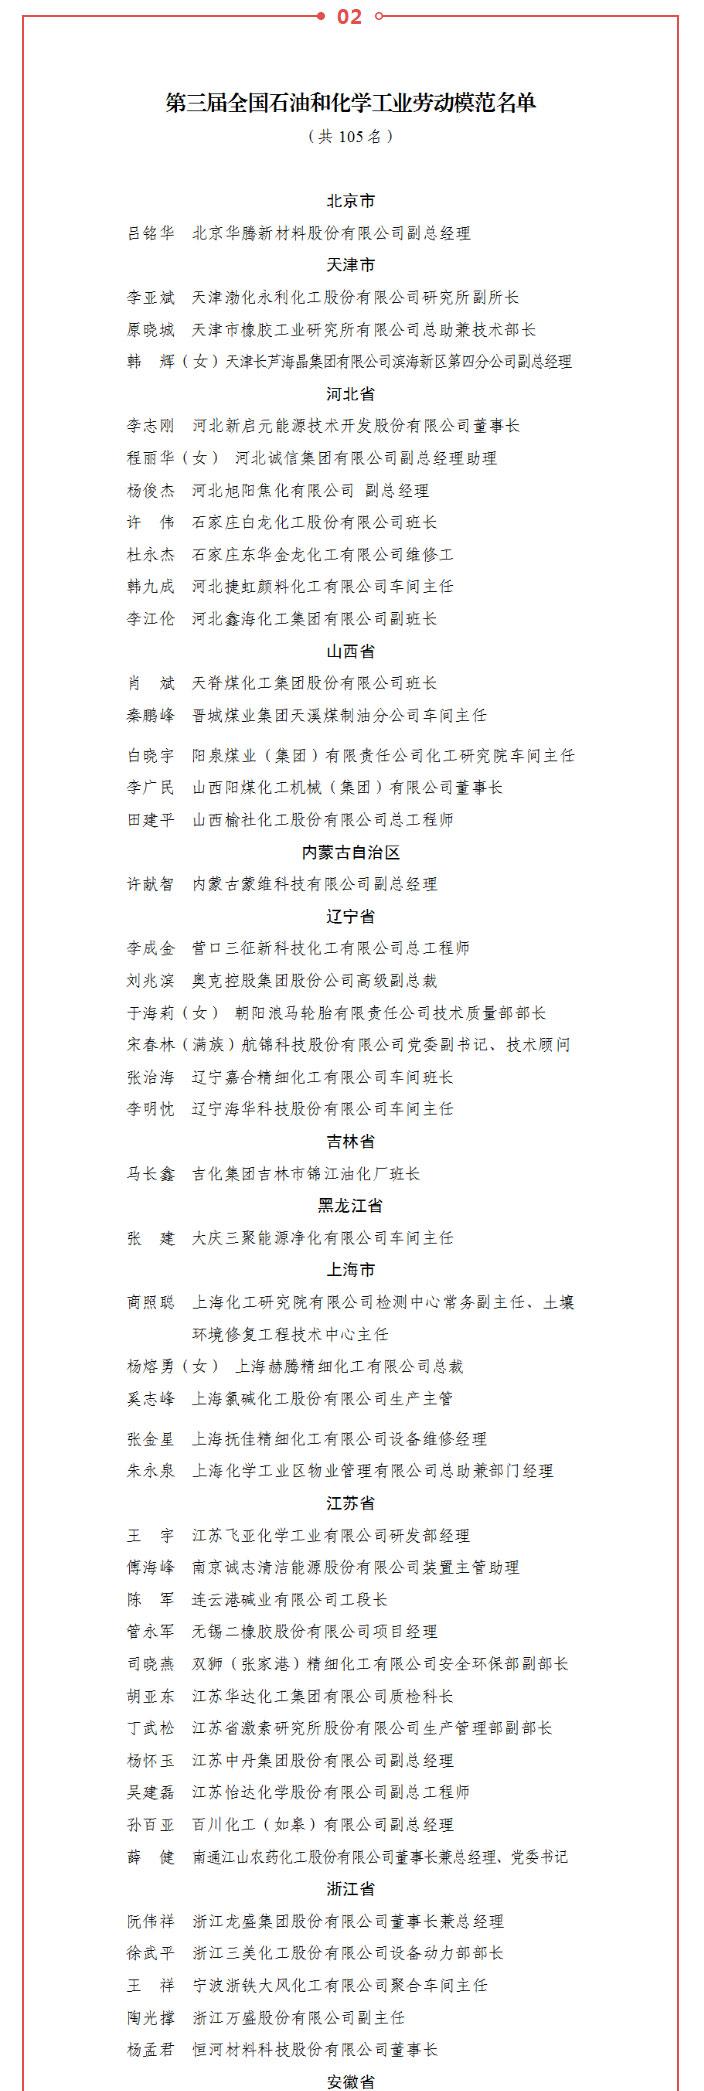 人力資源社會保障部-中國石油和化學工業聯合會關于第三屆全國石油和化學工業-先進集體、勞動模范和先進工_副本_04.jpg